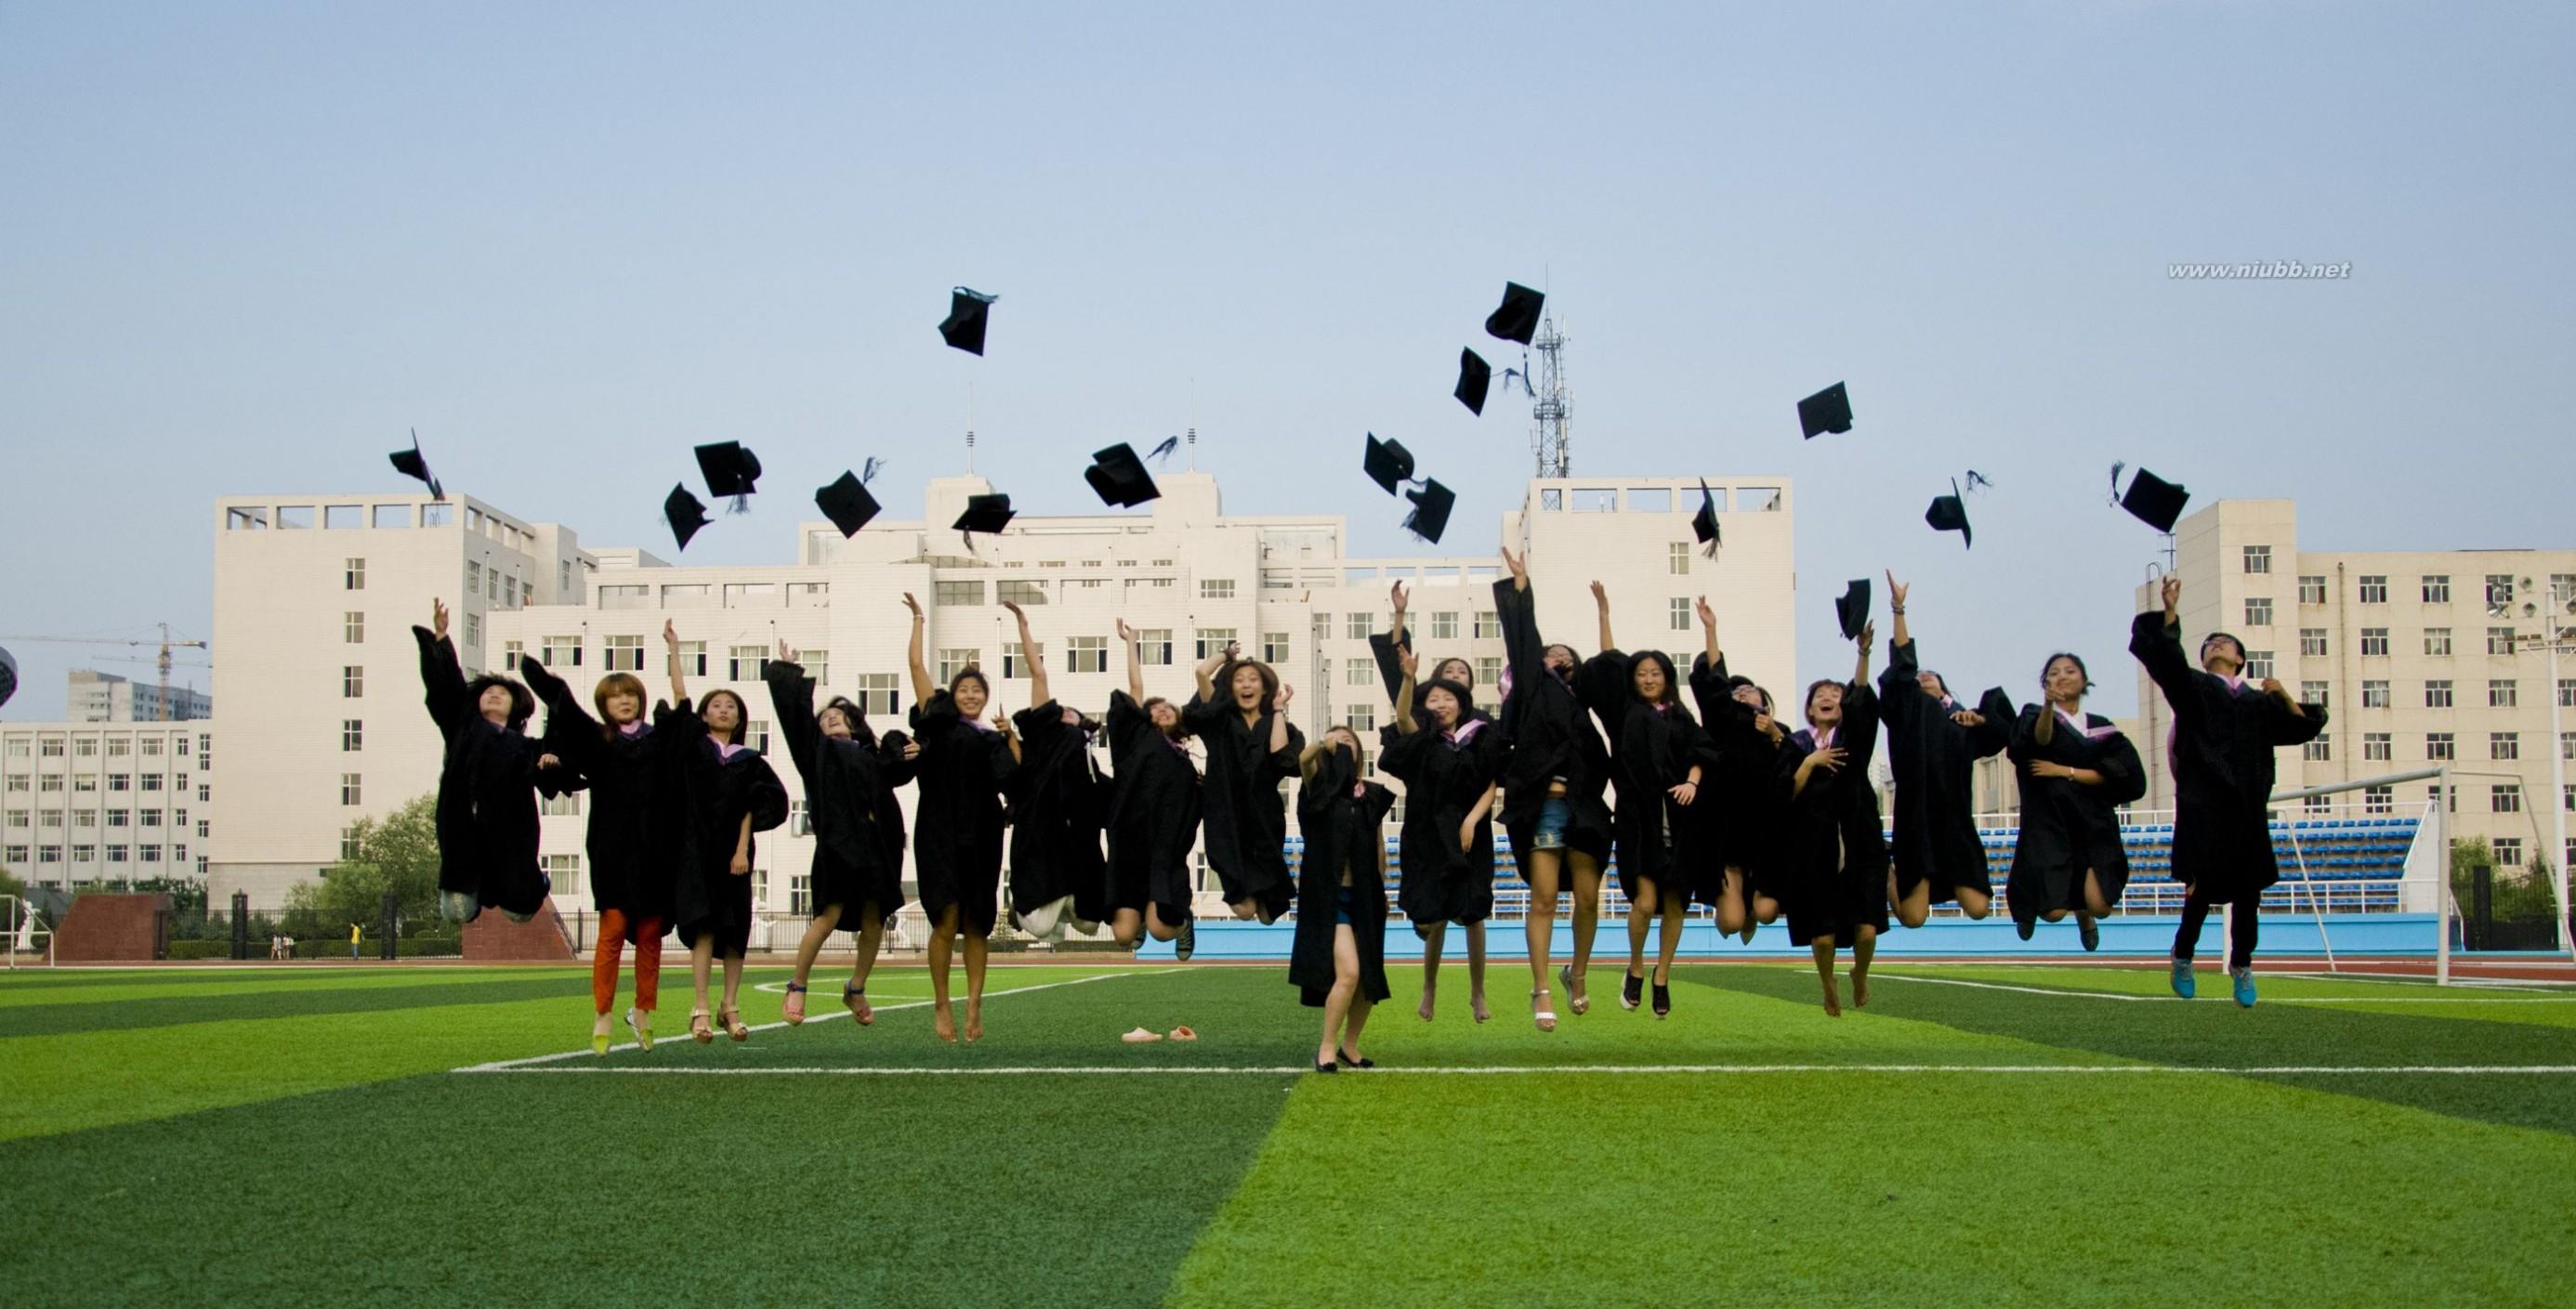 大学毕业祝福语 2016大学毕业祝福语